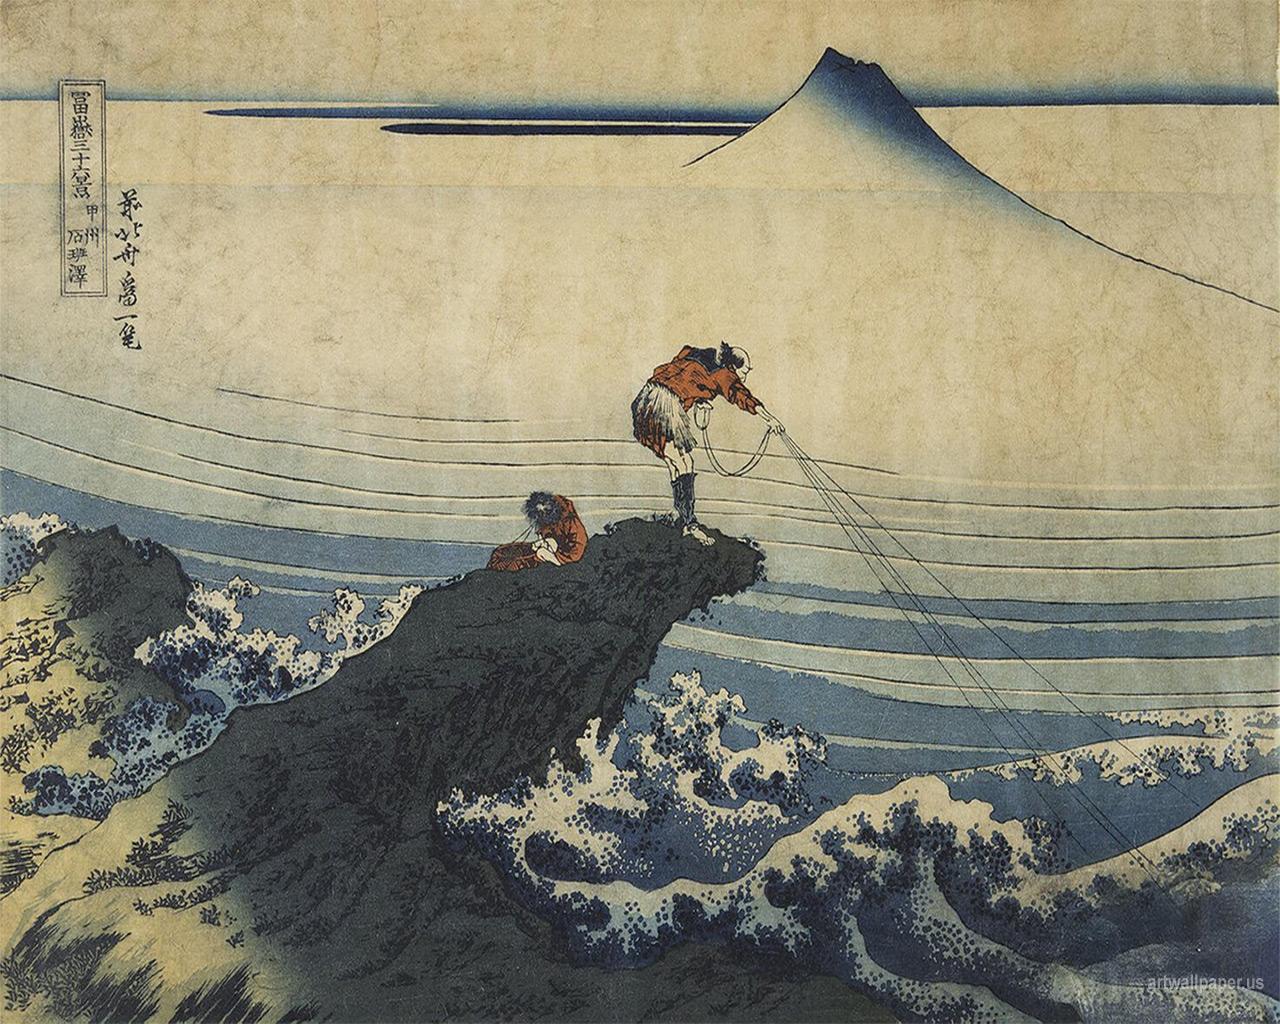 hokusai katsushika hokusai katsushika hokusai katsushika hokusai 1280x1024